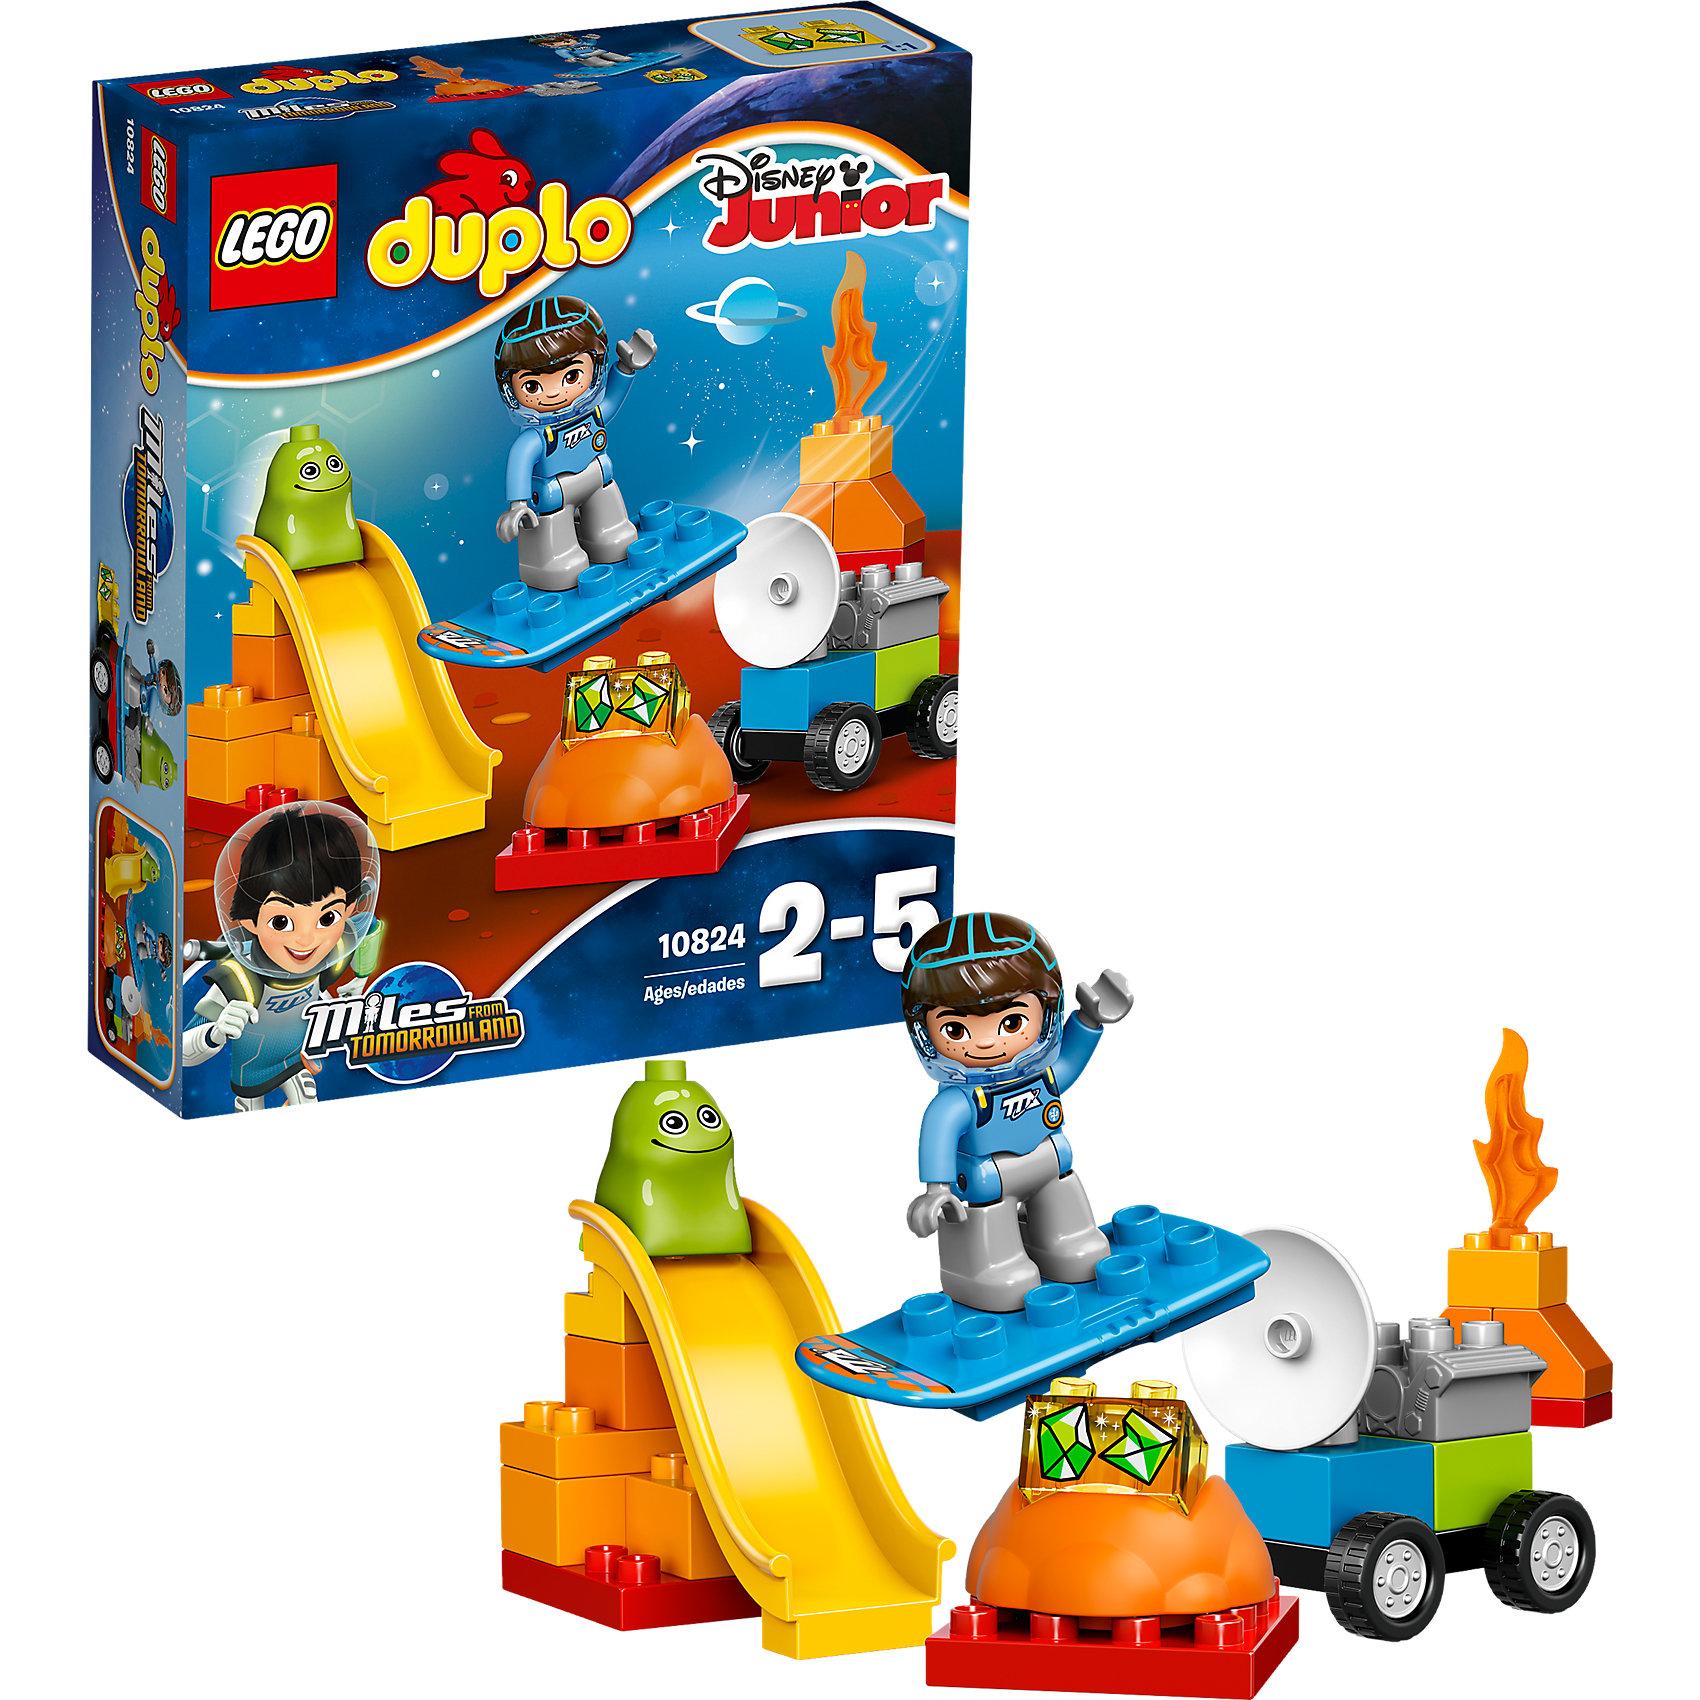 LEGO DUPLO 10824: Космические приключения МайлзаLEGO DUPLO 10824: Космические приключения Майлза - это крупноблочный конструктор, с которым Ваш малыш будет увлечённо играть часами.<br>Маленьким астронавтам понравится персонаж Disney Майлз с Другой планеты. Майлзу предстоит важное и опасное приключение. Используя скафандр и космическое снаряжение, он должен отправиться на одну из далёких планет. Главной целью миссии является добыча редких кристаллов, которые появляются вблизи огненных вулканов. Но, такое сложное задание ничуть не пугает героя. Для перемещения по незнакомой планете он использует бластборд, а для обнаружения полезных ископаемых – машину-робота с мощным мотором и антенной. Когда работа будет выполнена, Майлз сможет проявить смекалку и, объединив борд и робота, сделать грузовой самолёт с длинными крыльями и круглым двигателем. Также во время своего путешествия он обязательно познакомиться с коренным жителем планеты - весёлым зелёным гуманоидом. Вместе друзья не только поработают, но и поиграют, смастерив длинную горку.<br>Блоки LEGO DUPLO созданы специально для маленьких детских рук, они восемь раз больше стандартных блоков LEGO. С набором LEGO DUPLO 10824: Космические приключения Майлза Ваш ребенок сможет легко научиться базовым навыкам конструирования и развить воображение.<br><br>Дополнительная информация:<br><br>- Возраст: от 2 до 5 лет<br>- Количество деталей: 23<br>- В наборе: фигурка Майлза, фигурка пришельца, блок с изображением кристаллов, вулкан, огонь, бластборд, колёсная основа, антенна, мотор и другие детали<br>- Материал: высококачественный пластик<br>- Размер упаковки: 26 x 6 x 22 см.<br>- Вес: 350 гр.<br><br>Набор LEGO DUPLO 10824: Космические приключения Майлза можно купить в нашем интернет-магазине.<br><br>Ширина мм: 260<br>Глубина мм: 220<br>Высота мм: 60<br>Вес г: 608<br>Возраст от месяцев: 24<br>Возраст до месяцев: 60<br>Пол: Мужской<br>Возраст: Детский<br>SKU: 4462331